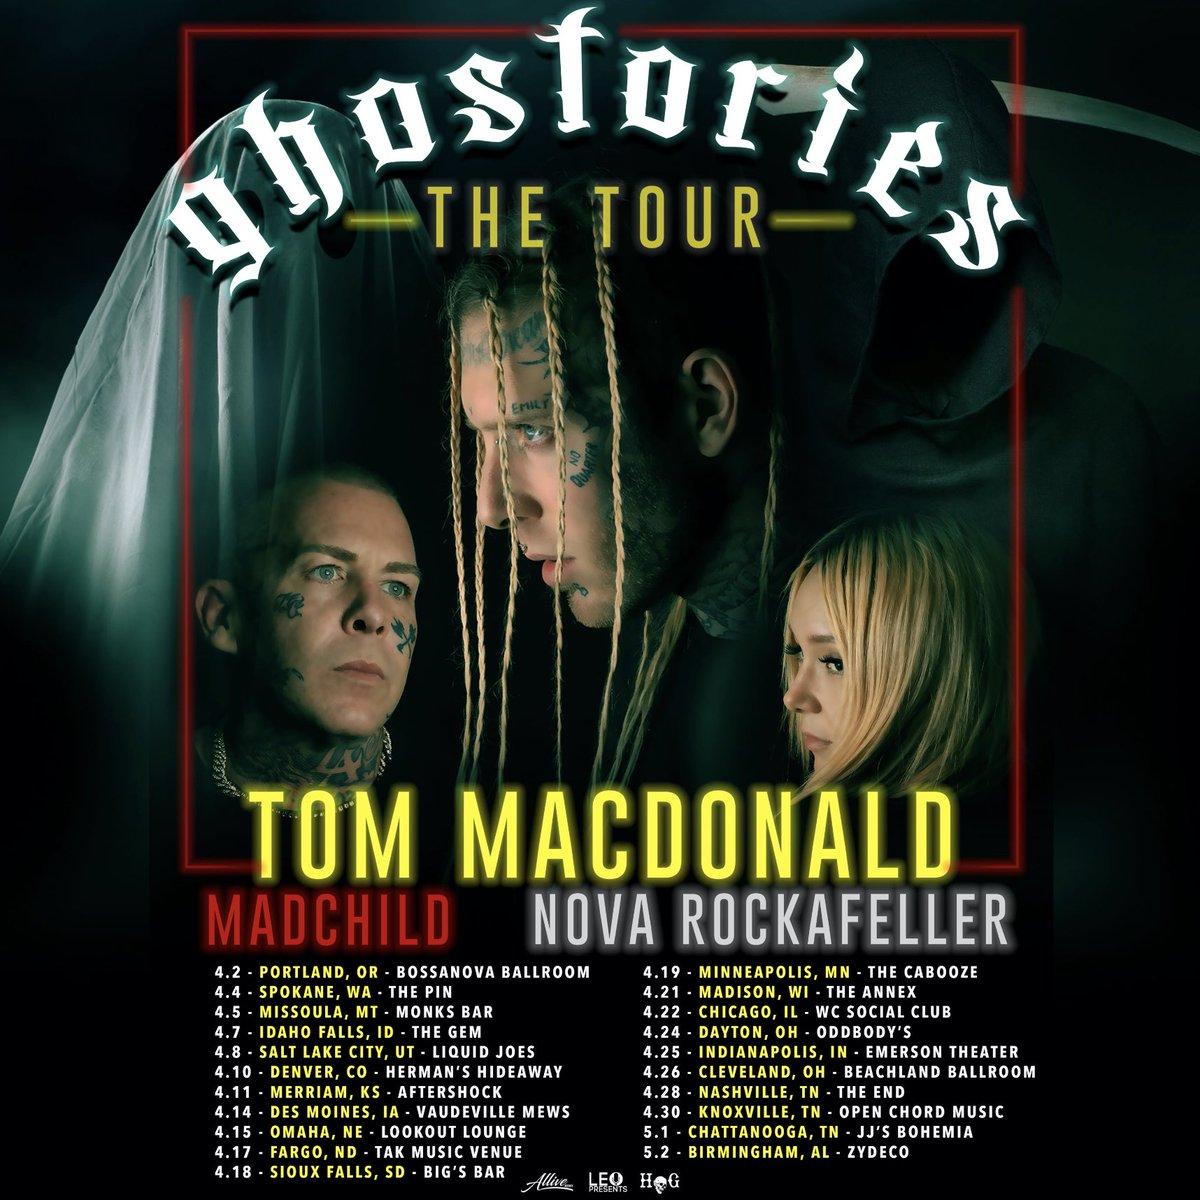 Macdonald tour 2020